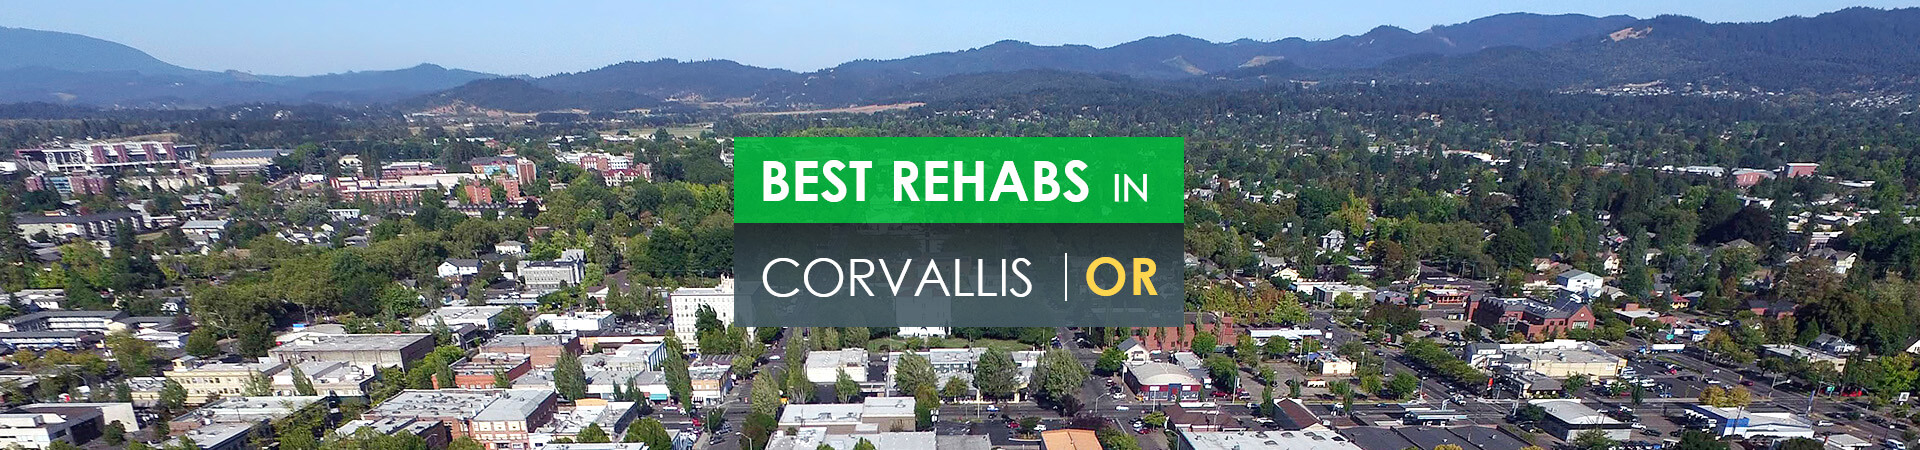 Best rehabs in Corvallis, OR